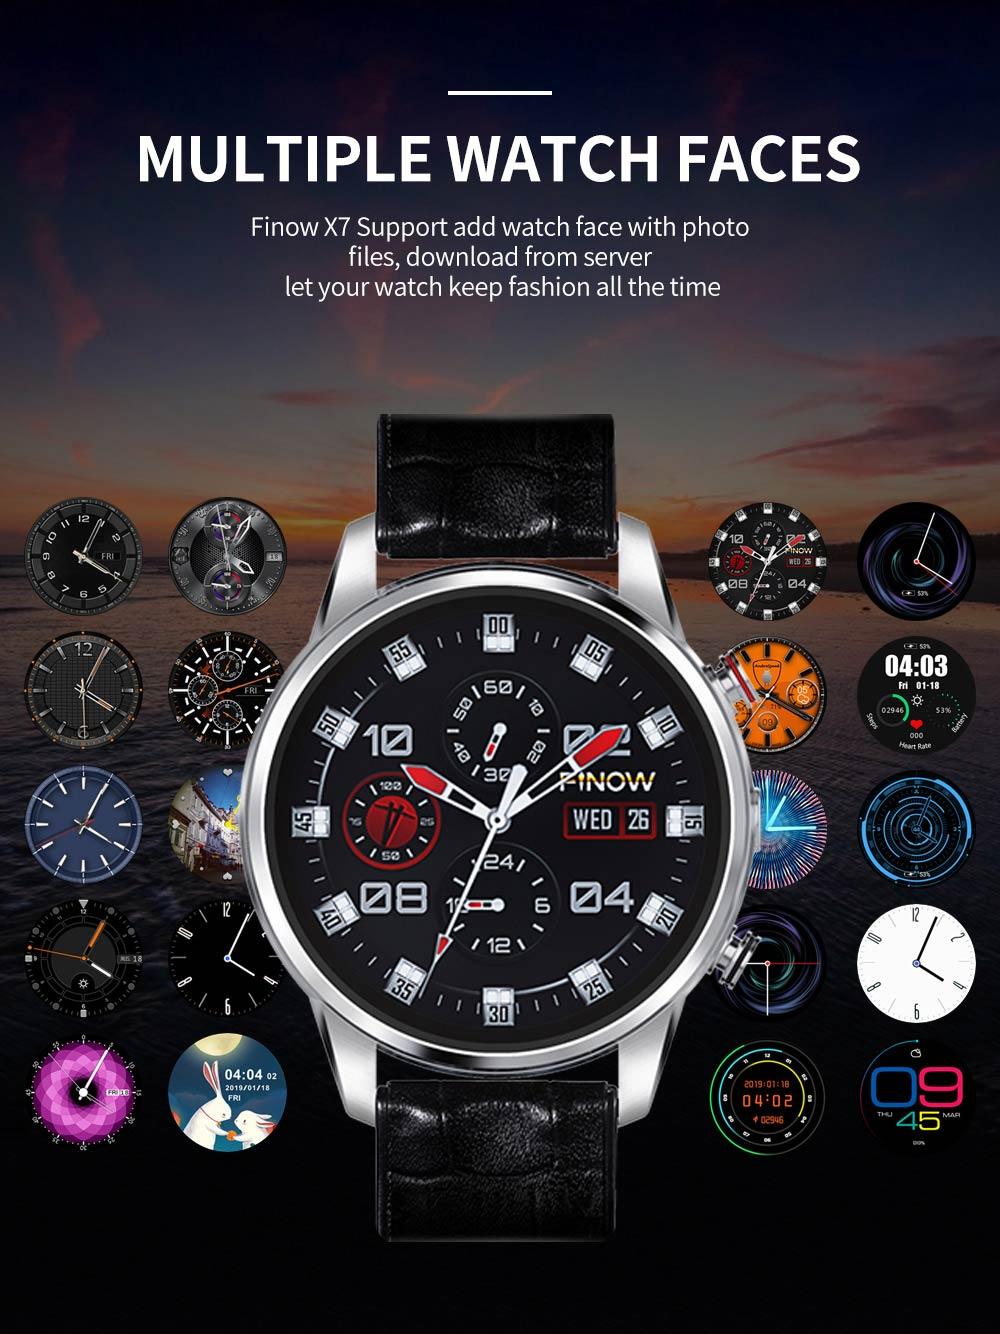 new finow x7 smartwatch phone